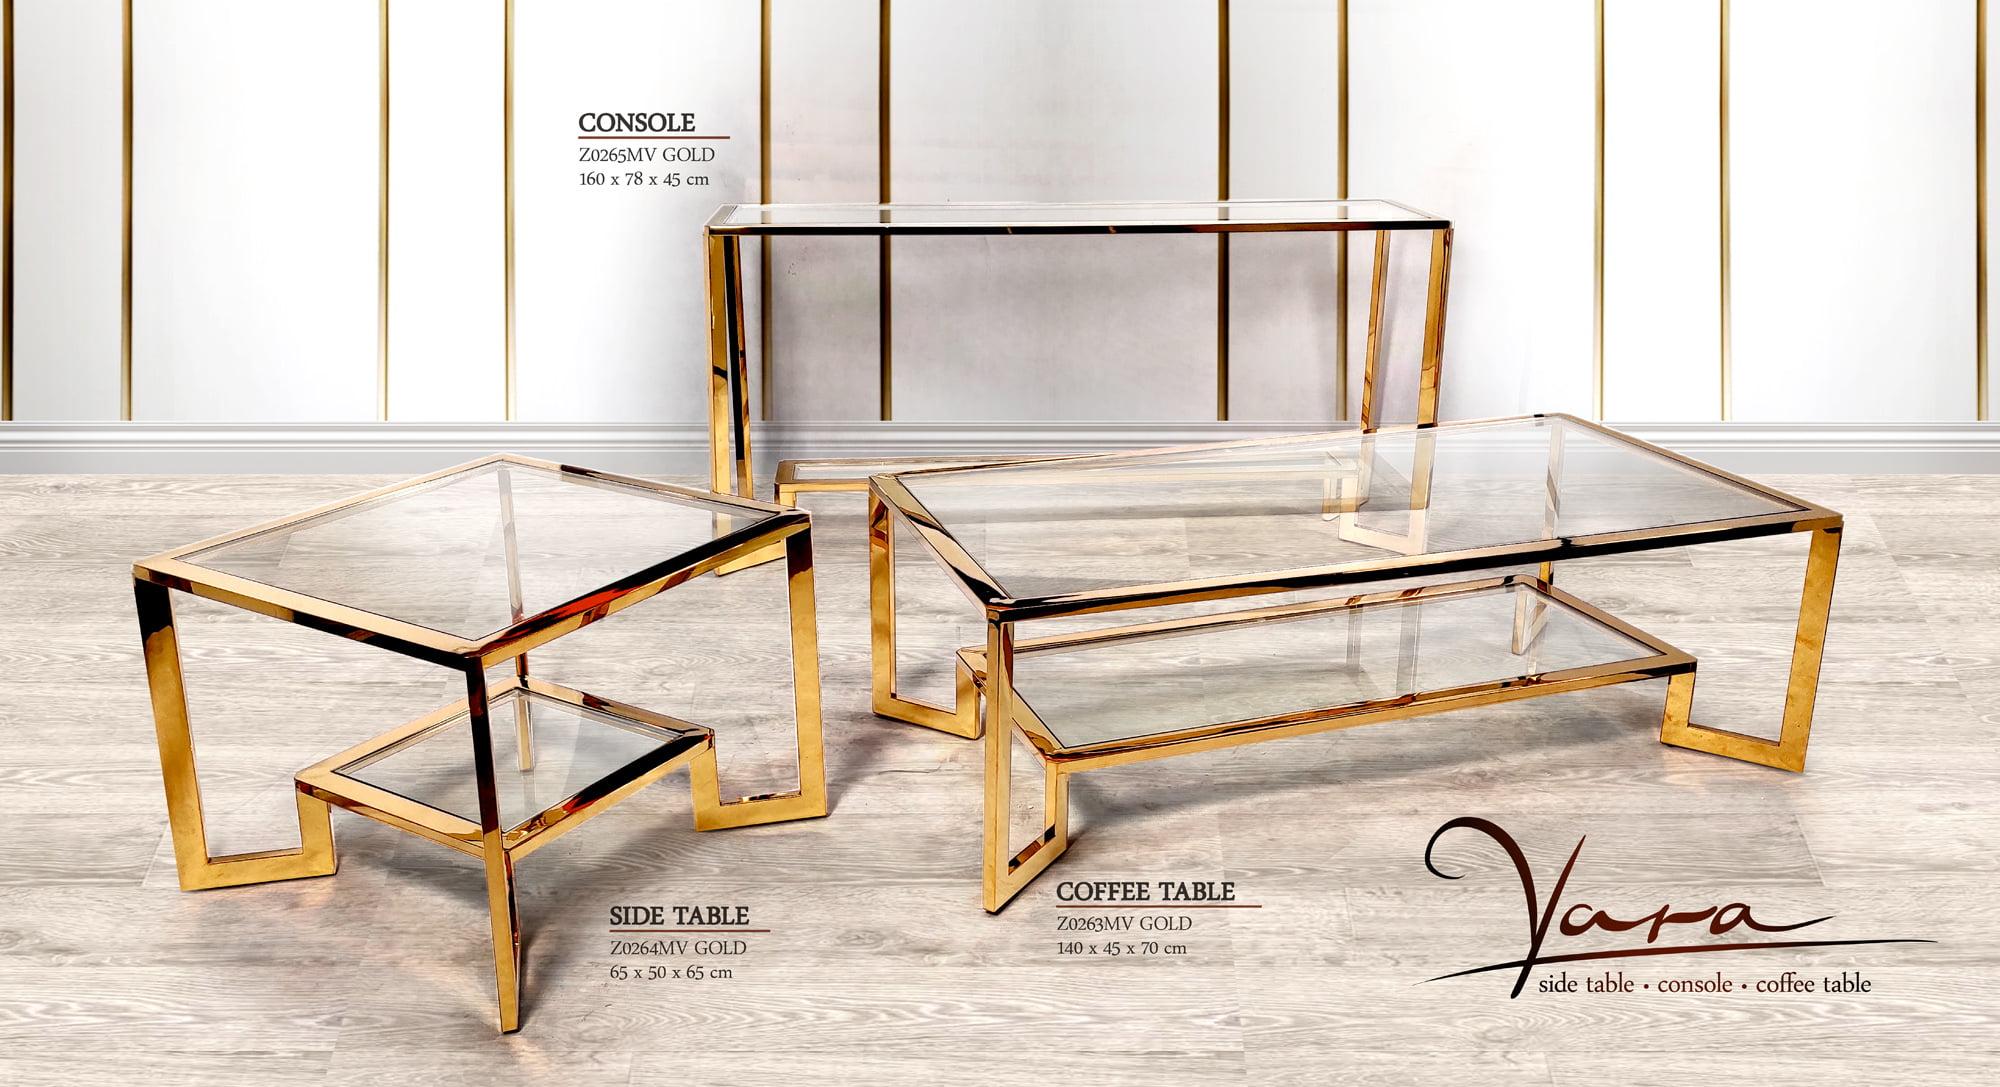 Zestaw mebli z metalu i szkła w kolorze złotym - stolik kawowy, stolik pomocniczy i konsola